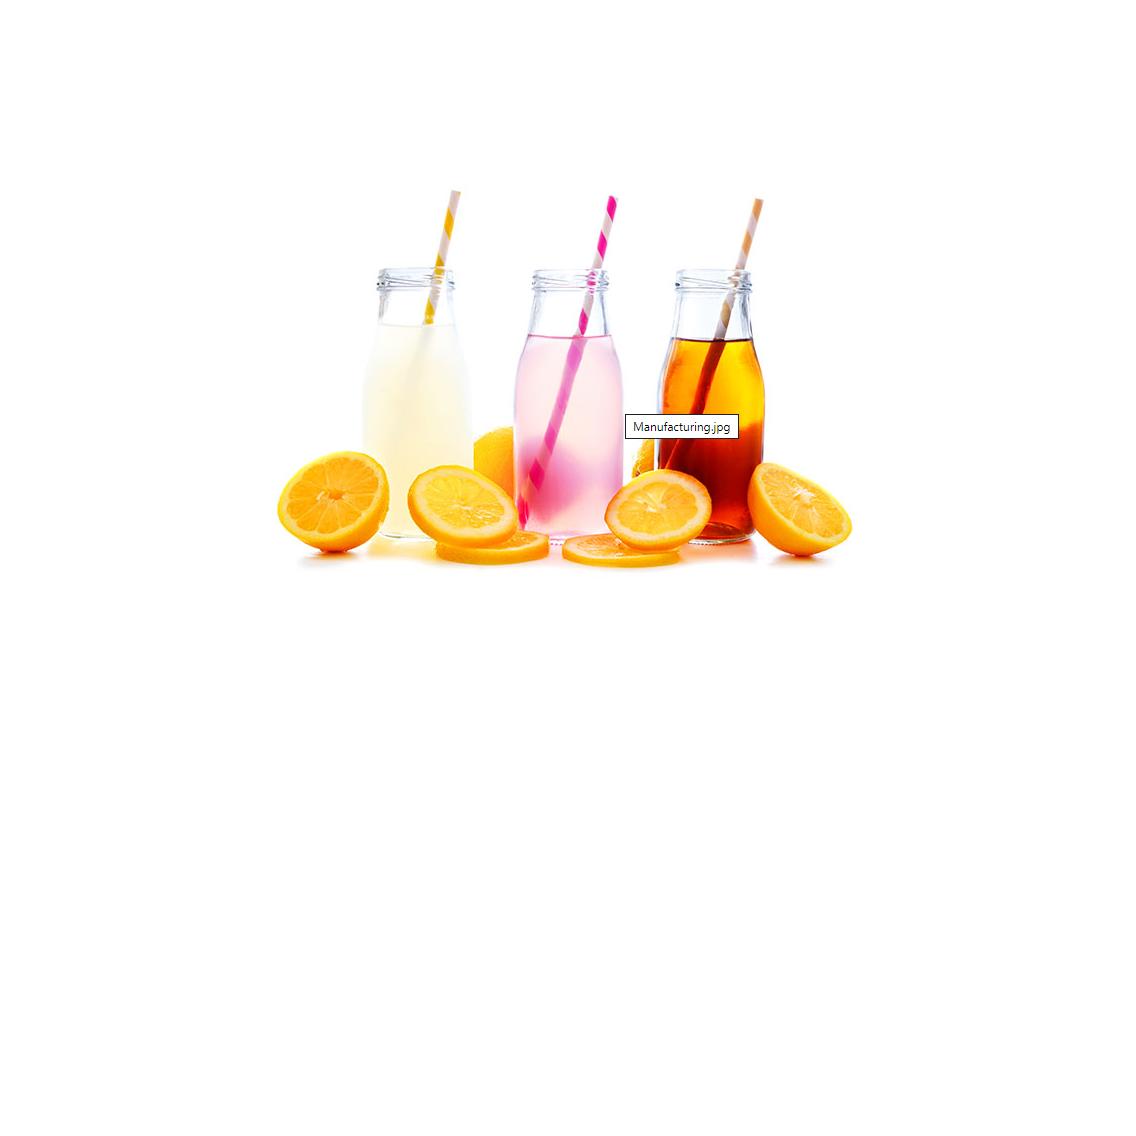 Вкусовые, ароматические пищевые добавки, ингредиенты для производства продуктов питания